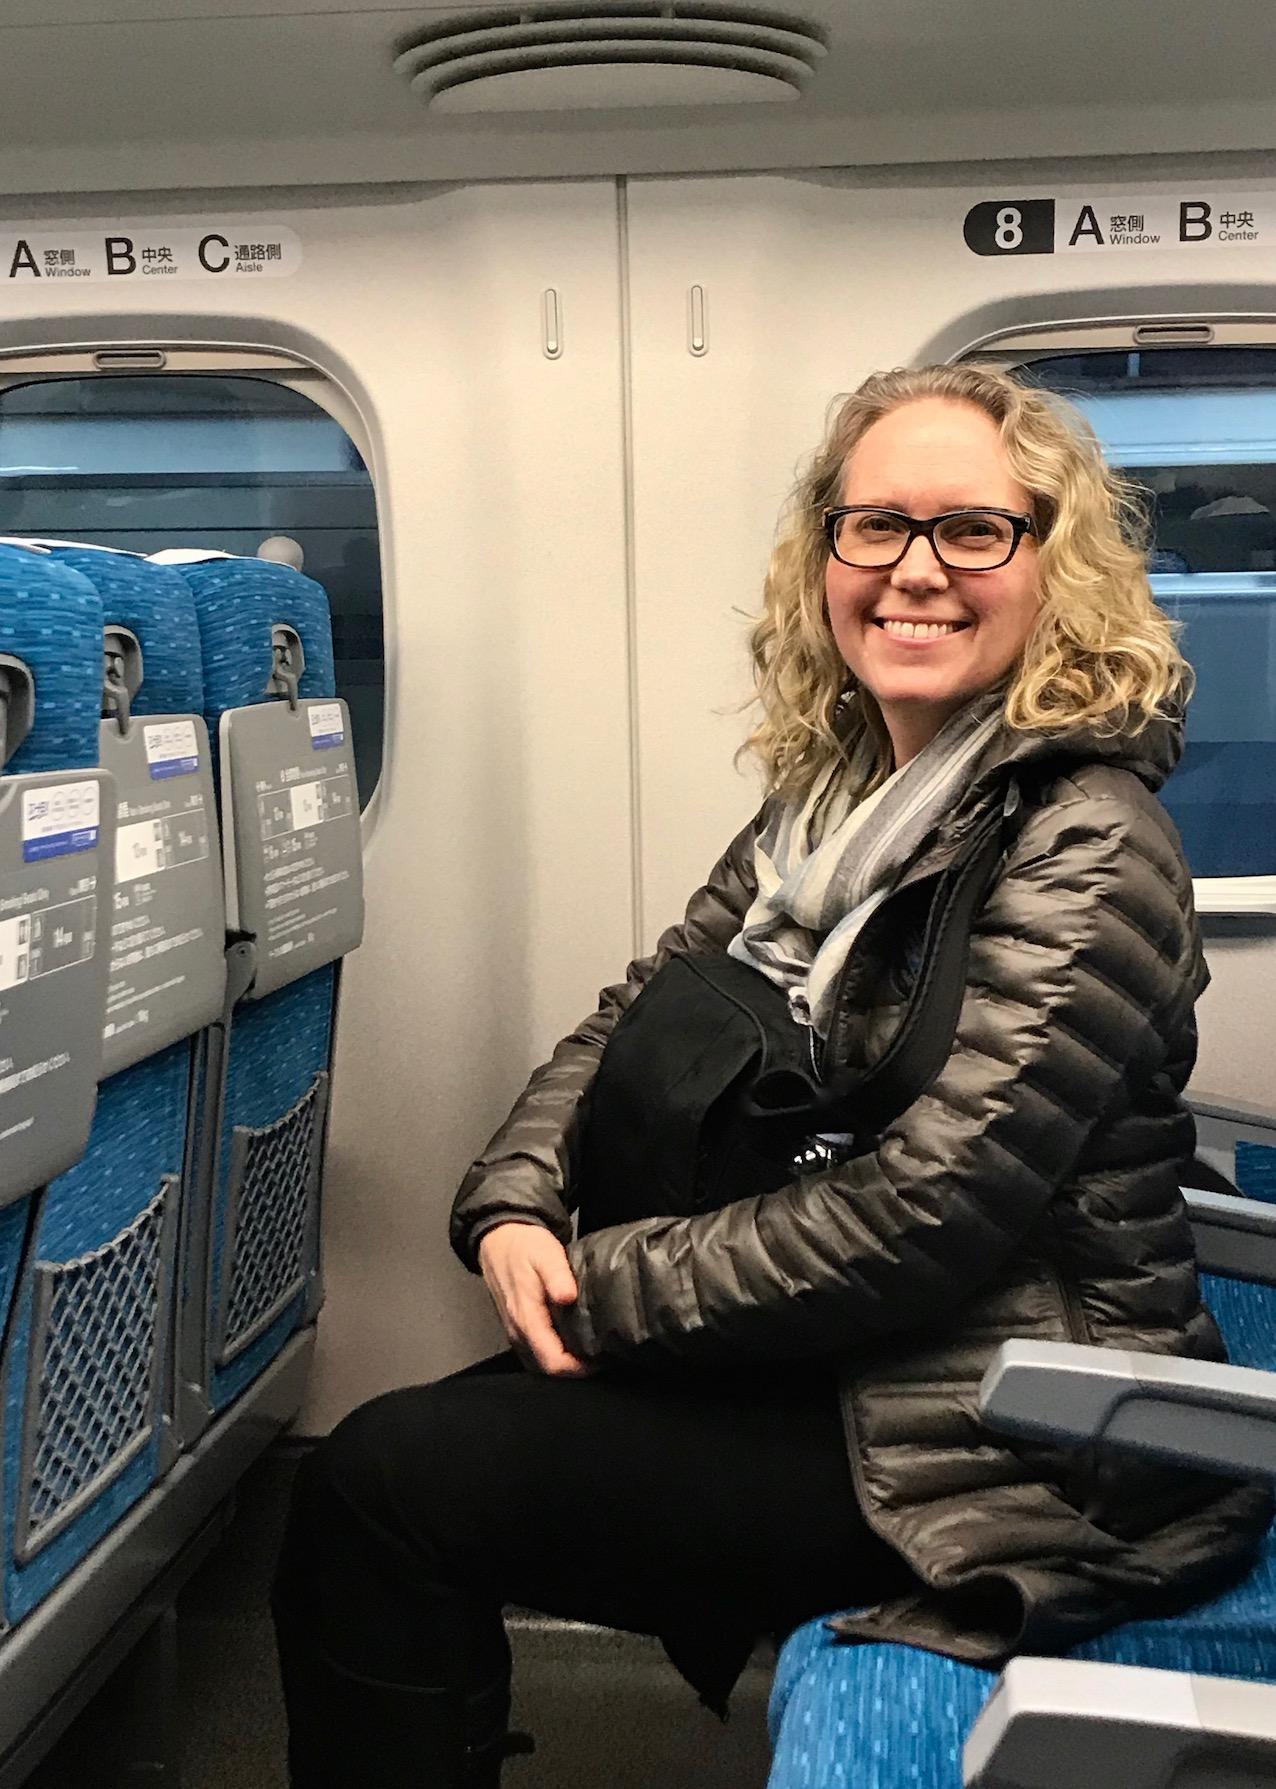 On the Shinkansen Bullet Train Japan.